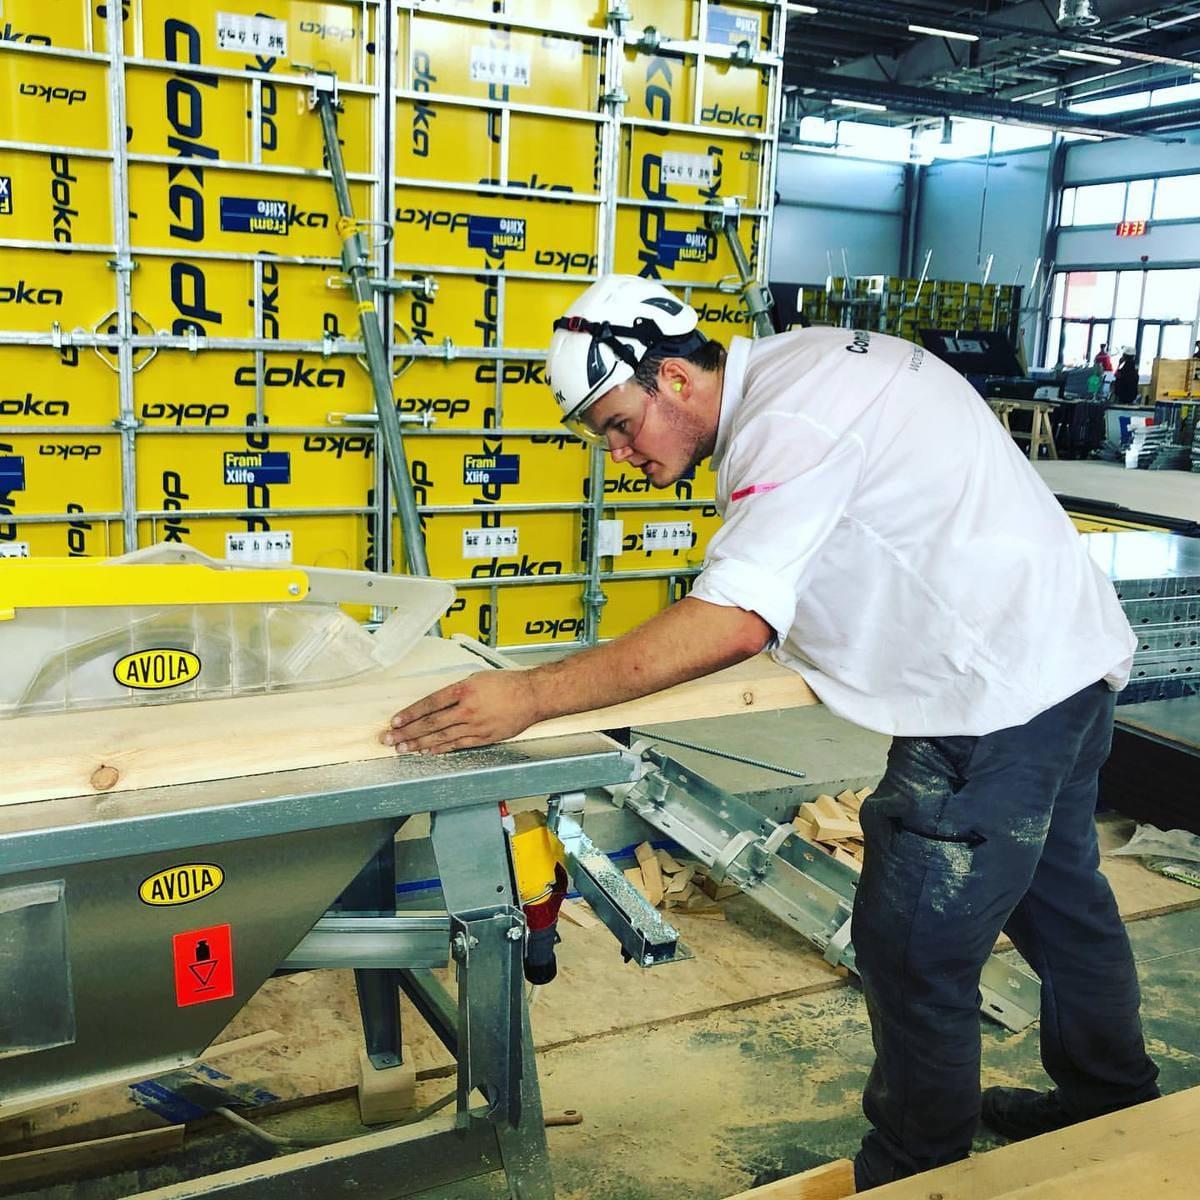 Stahlbetonbauer Niklas Berroth konzentriert sich voll und ganz auf die Säge, um den Balken exakt anzupassen.